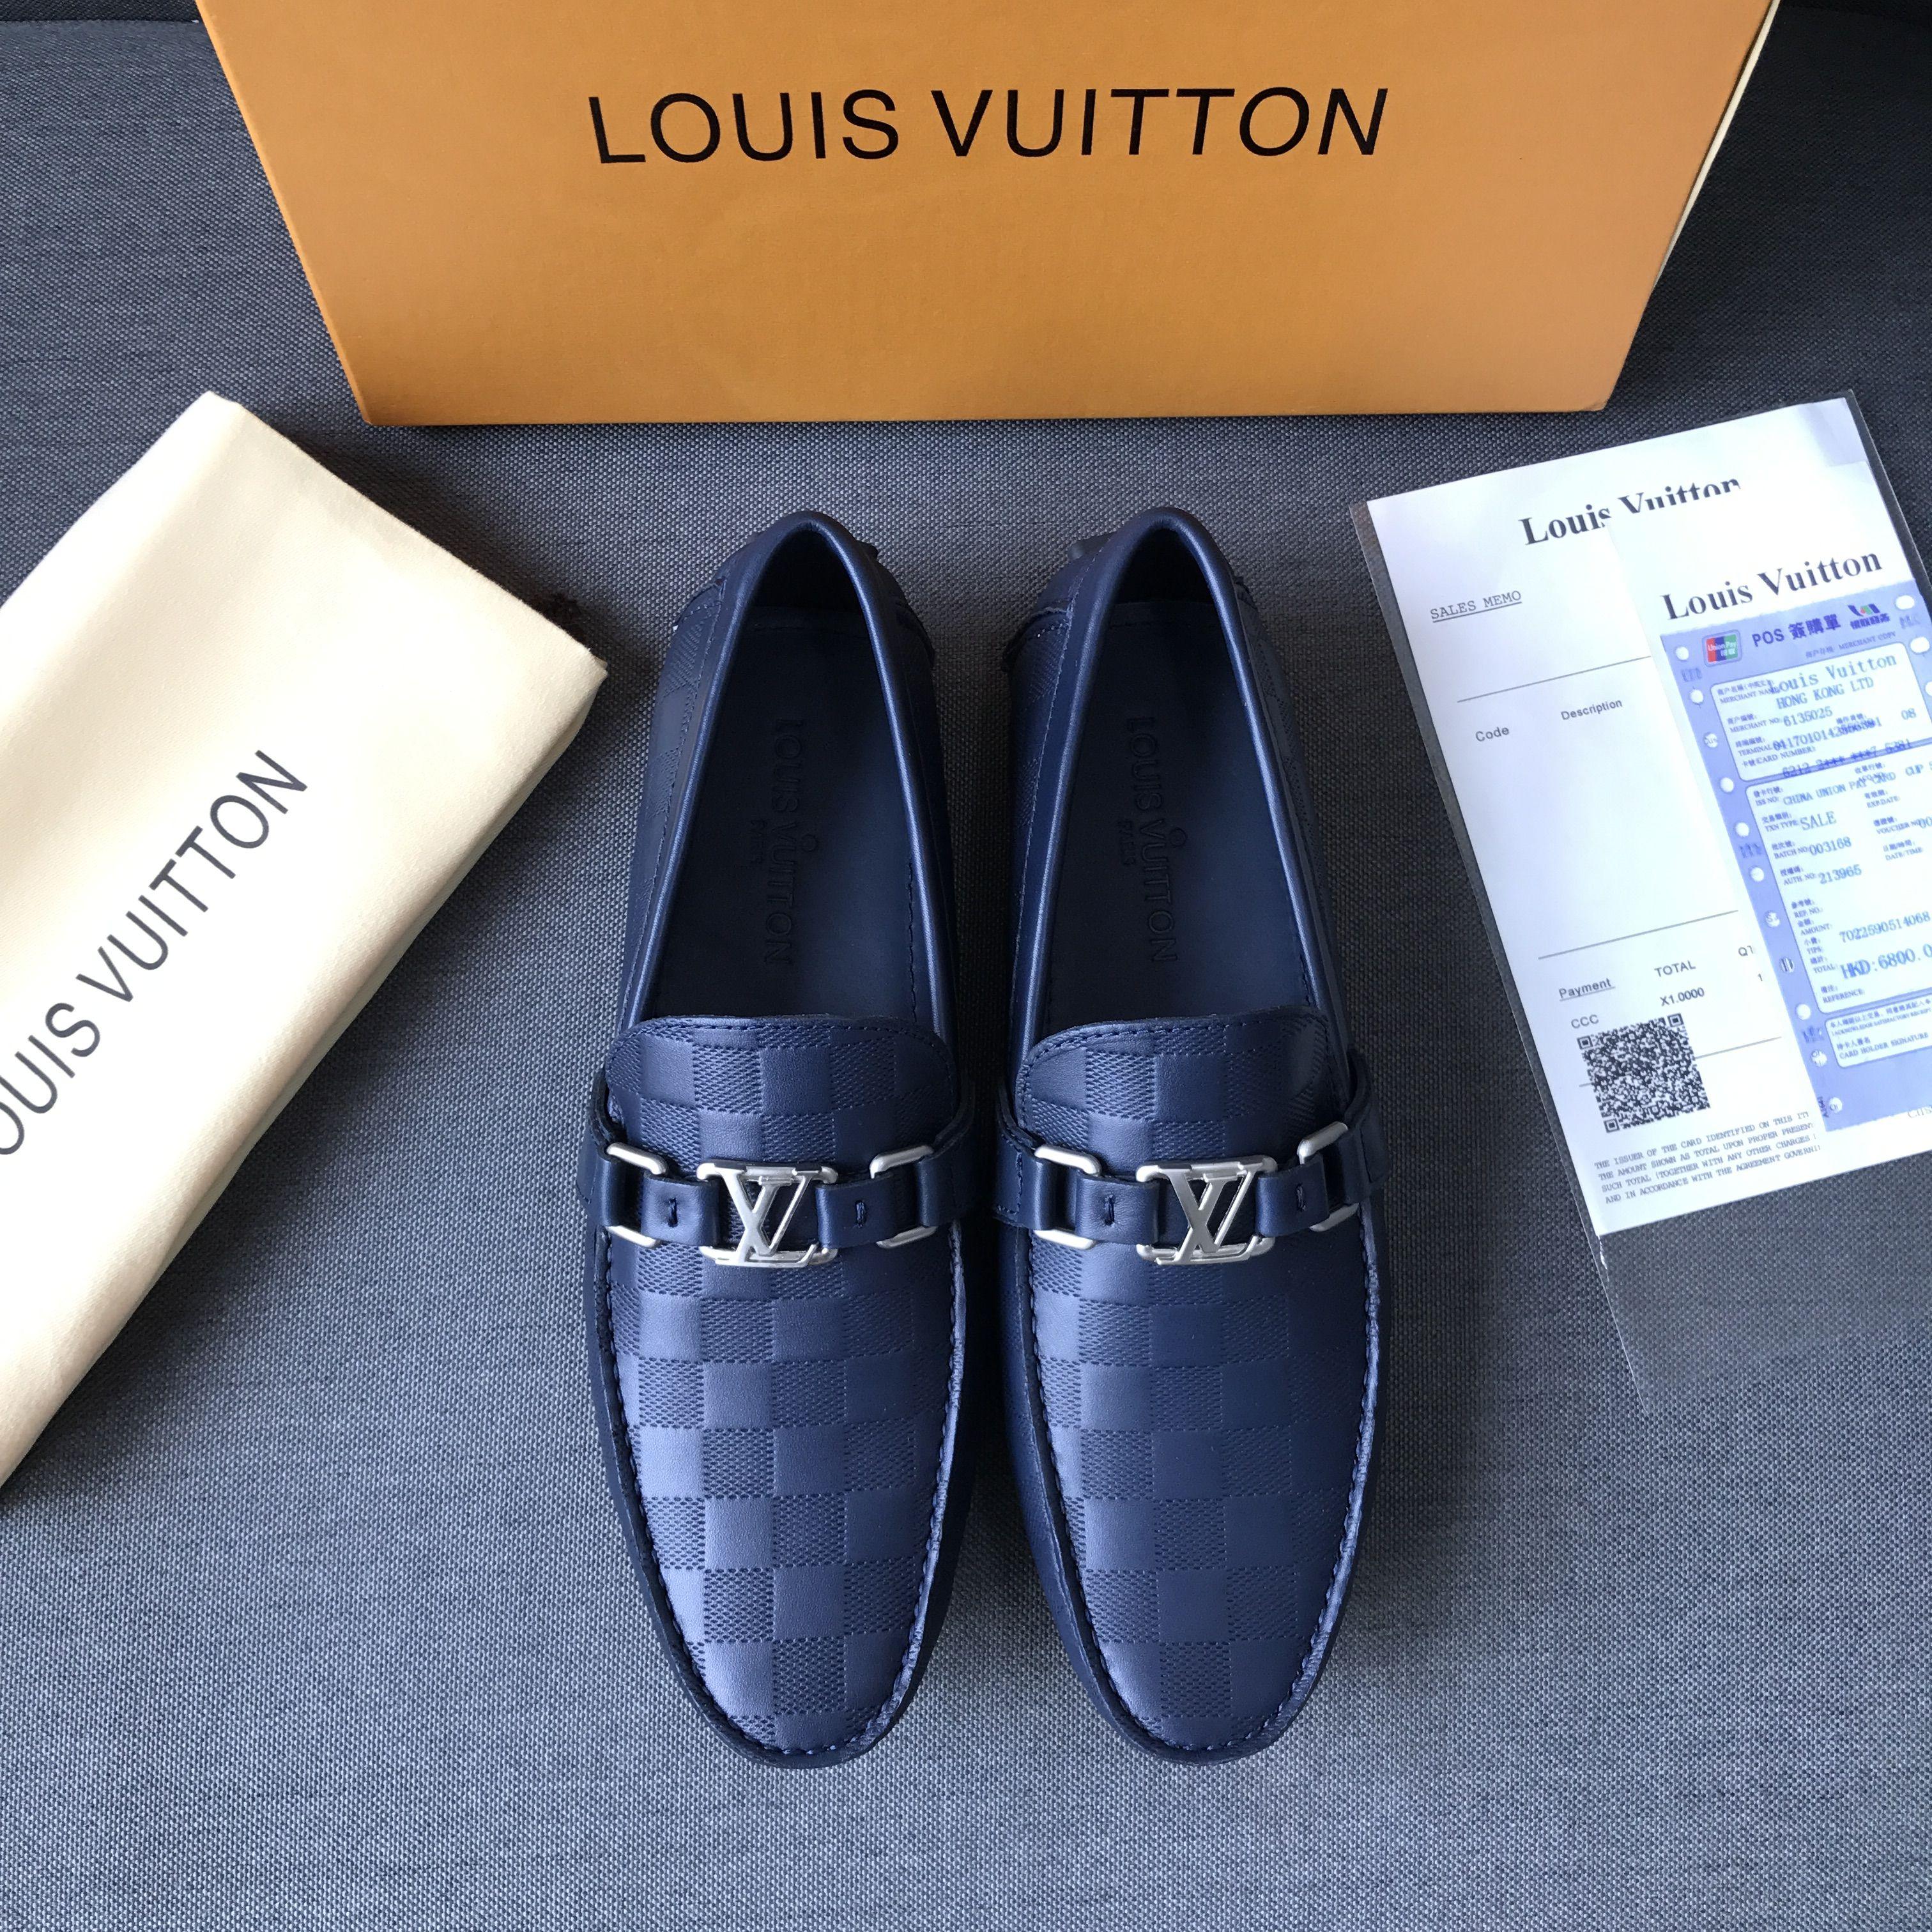 Louis Vuitton lv man shoes blue leather